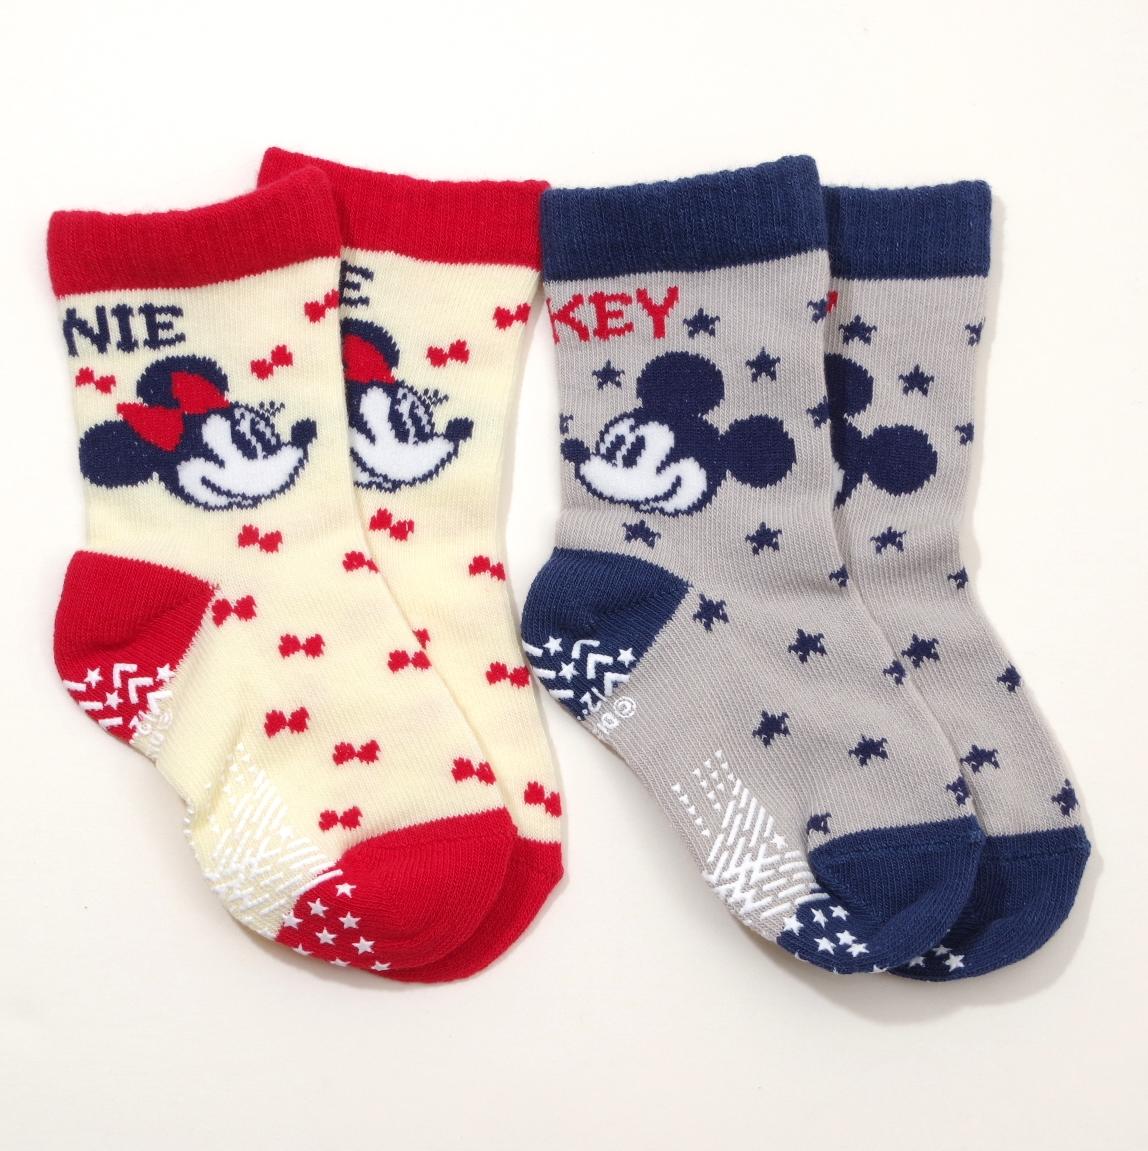 ディズニー!ミッキーミニーちゃん ソックス・靴下 12-15cm(1011-40012)